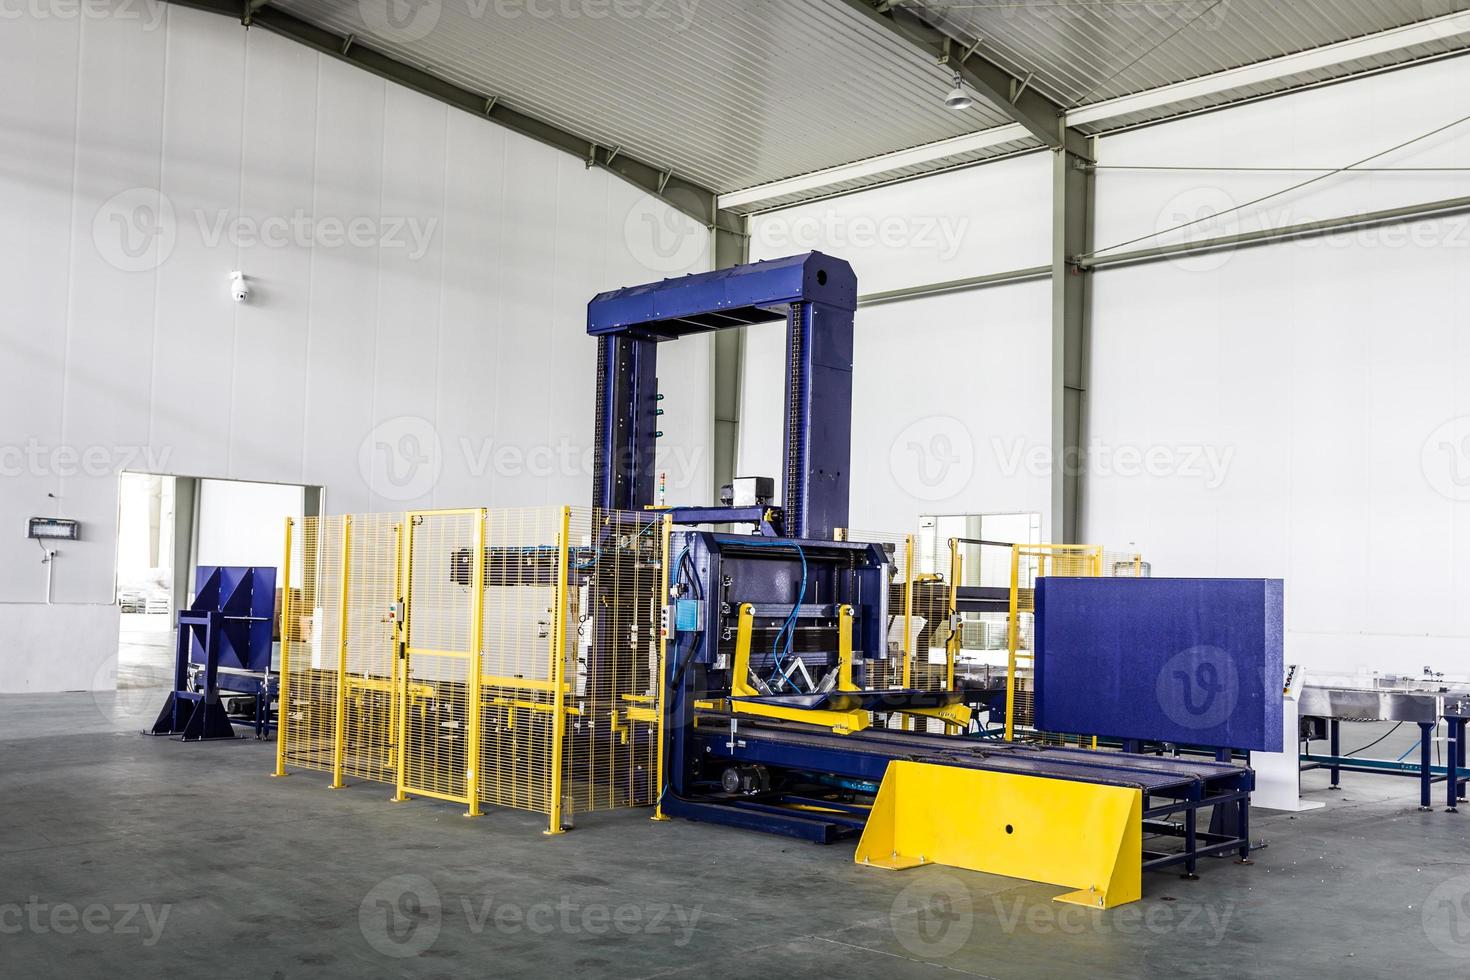 usine de production de boissons en Chine photo